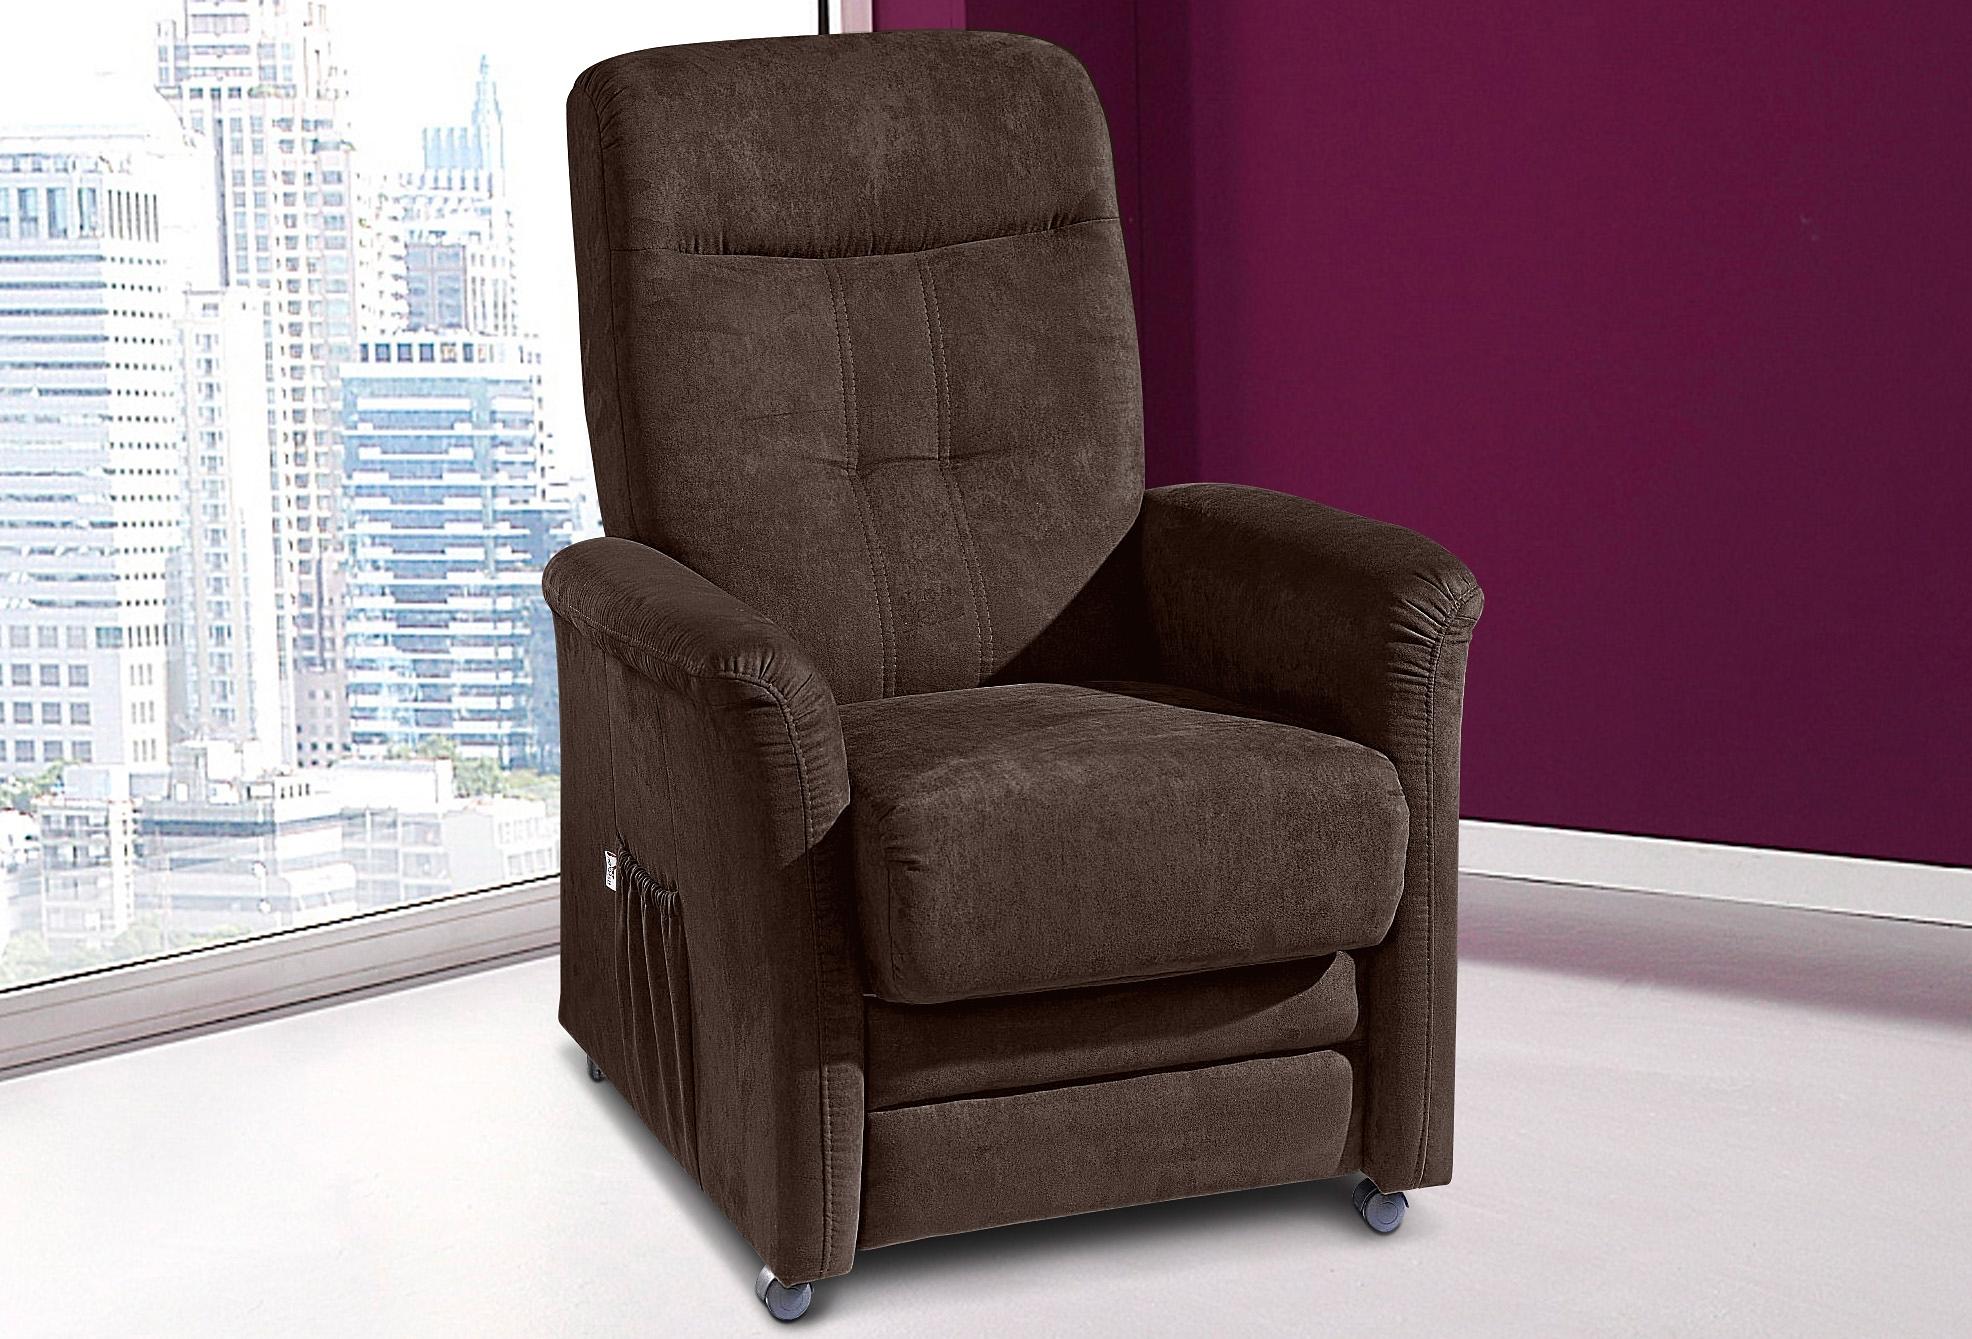 Fauteuils kopen? kies uit meer dan 390 comfortabele fauteuils otto